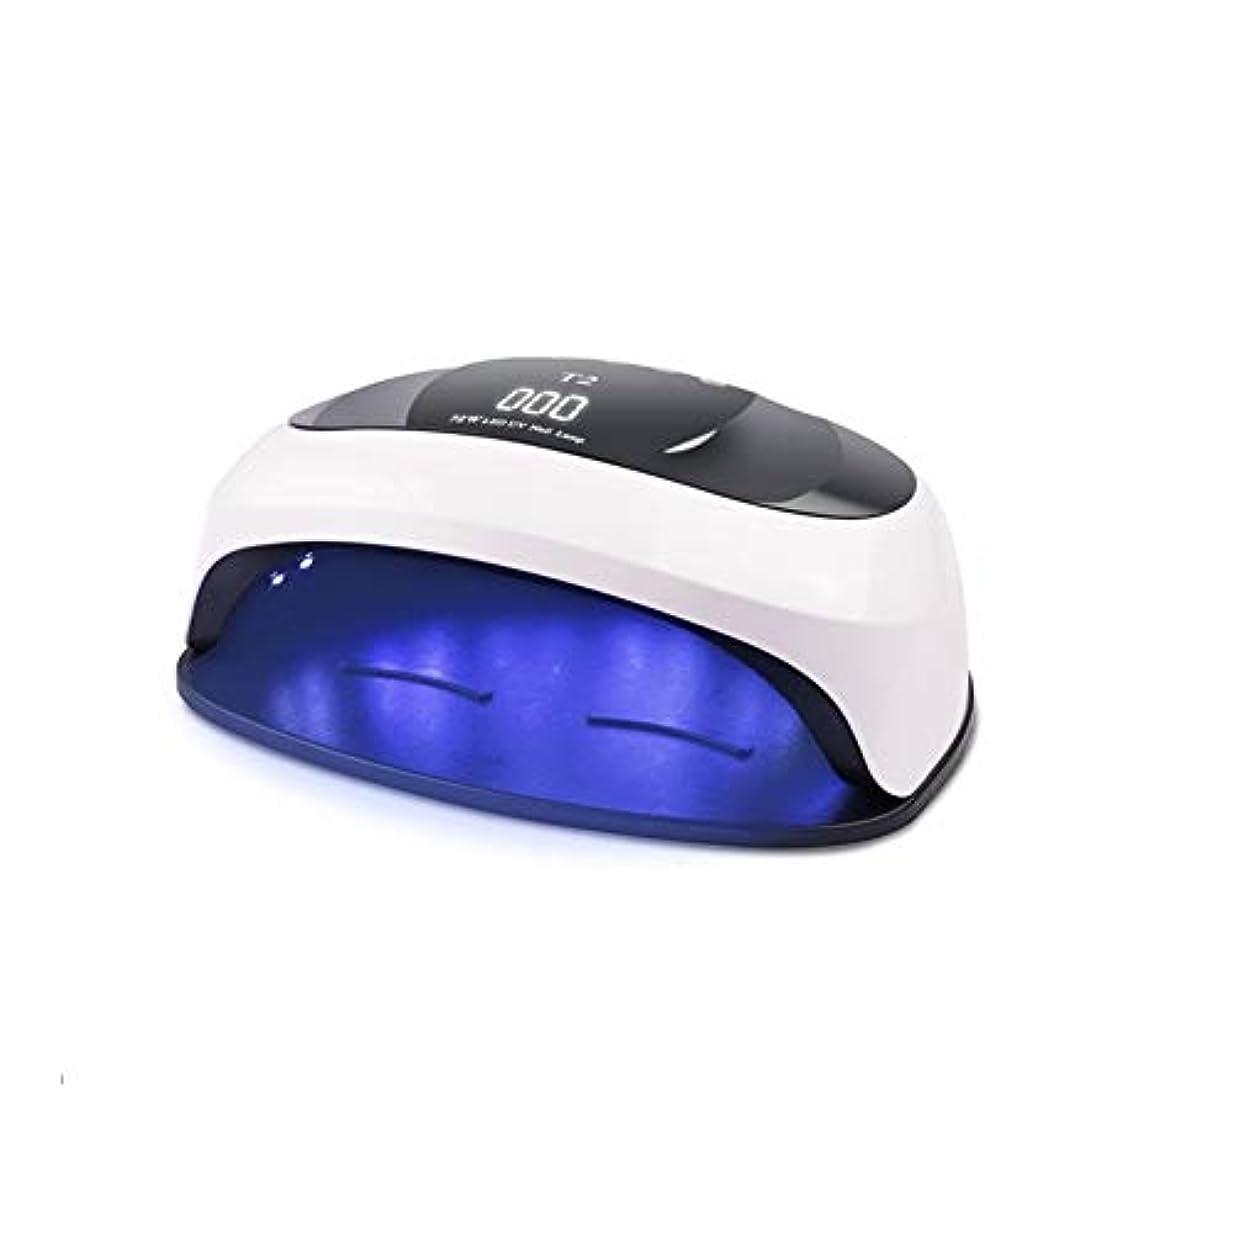 思い出させるカール美しいLittleCat マニキュアプラスチックライトセラピーマシンハンズヒートランプ点灯スマートセンサネイル (色 : Red beauty flat plug)